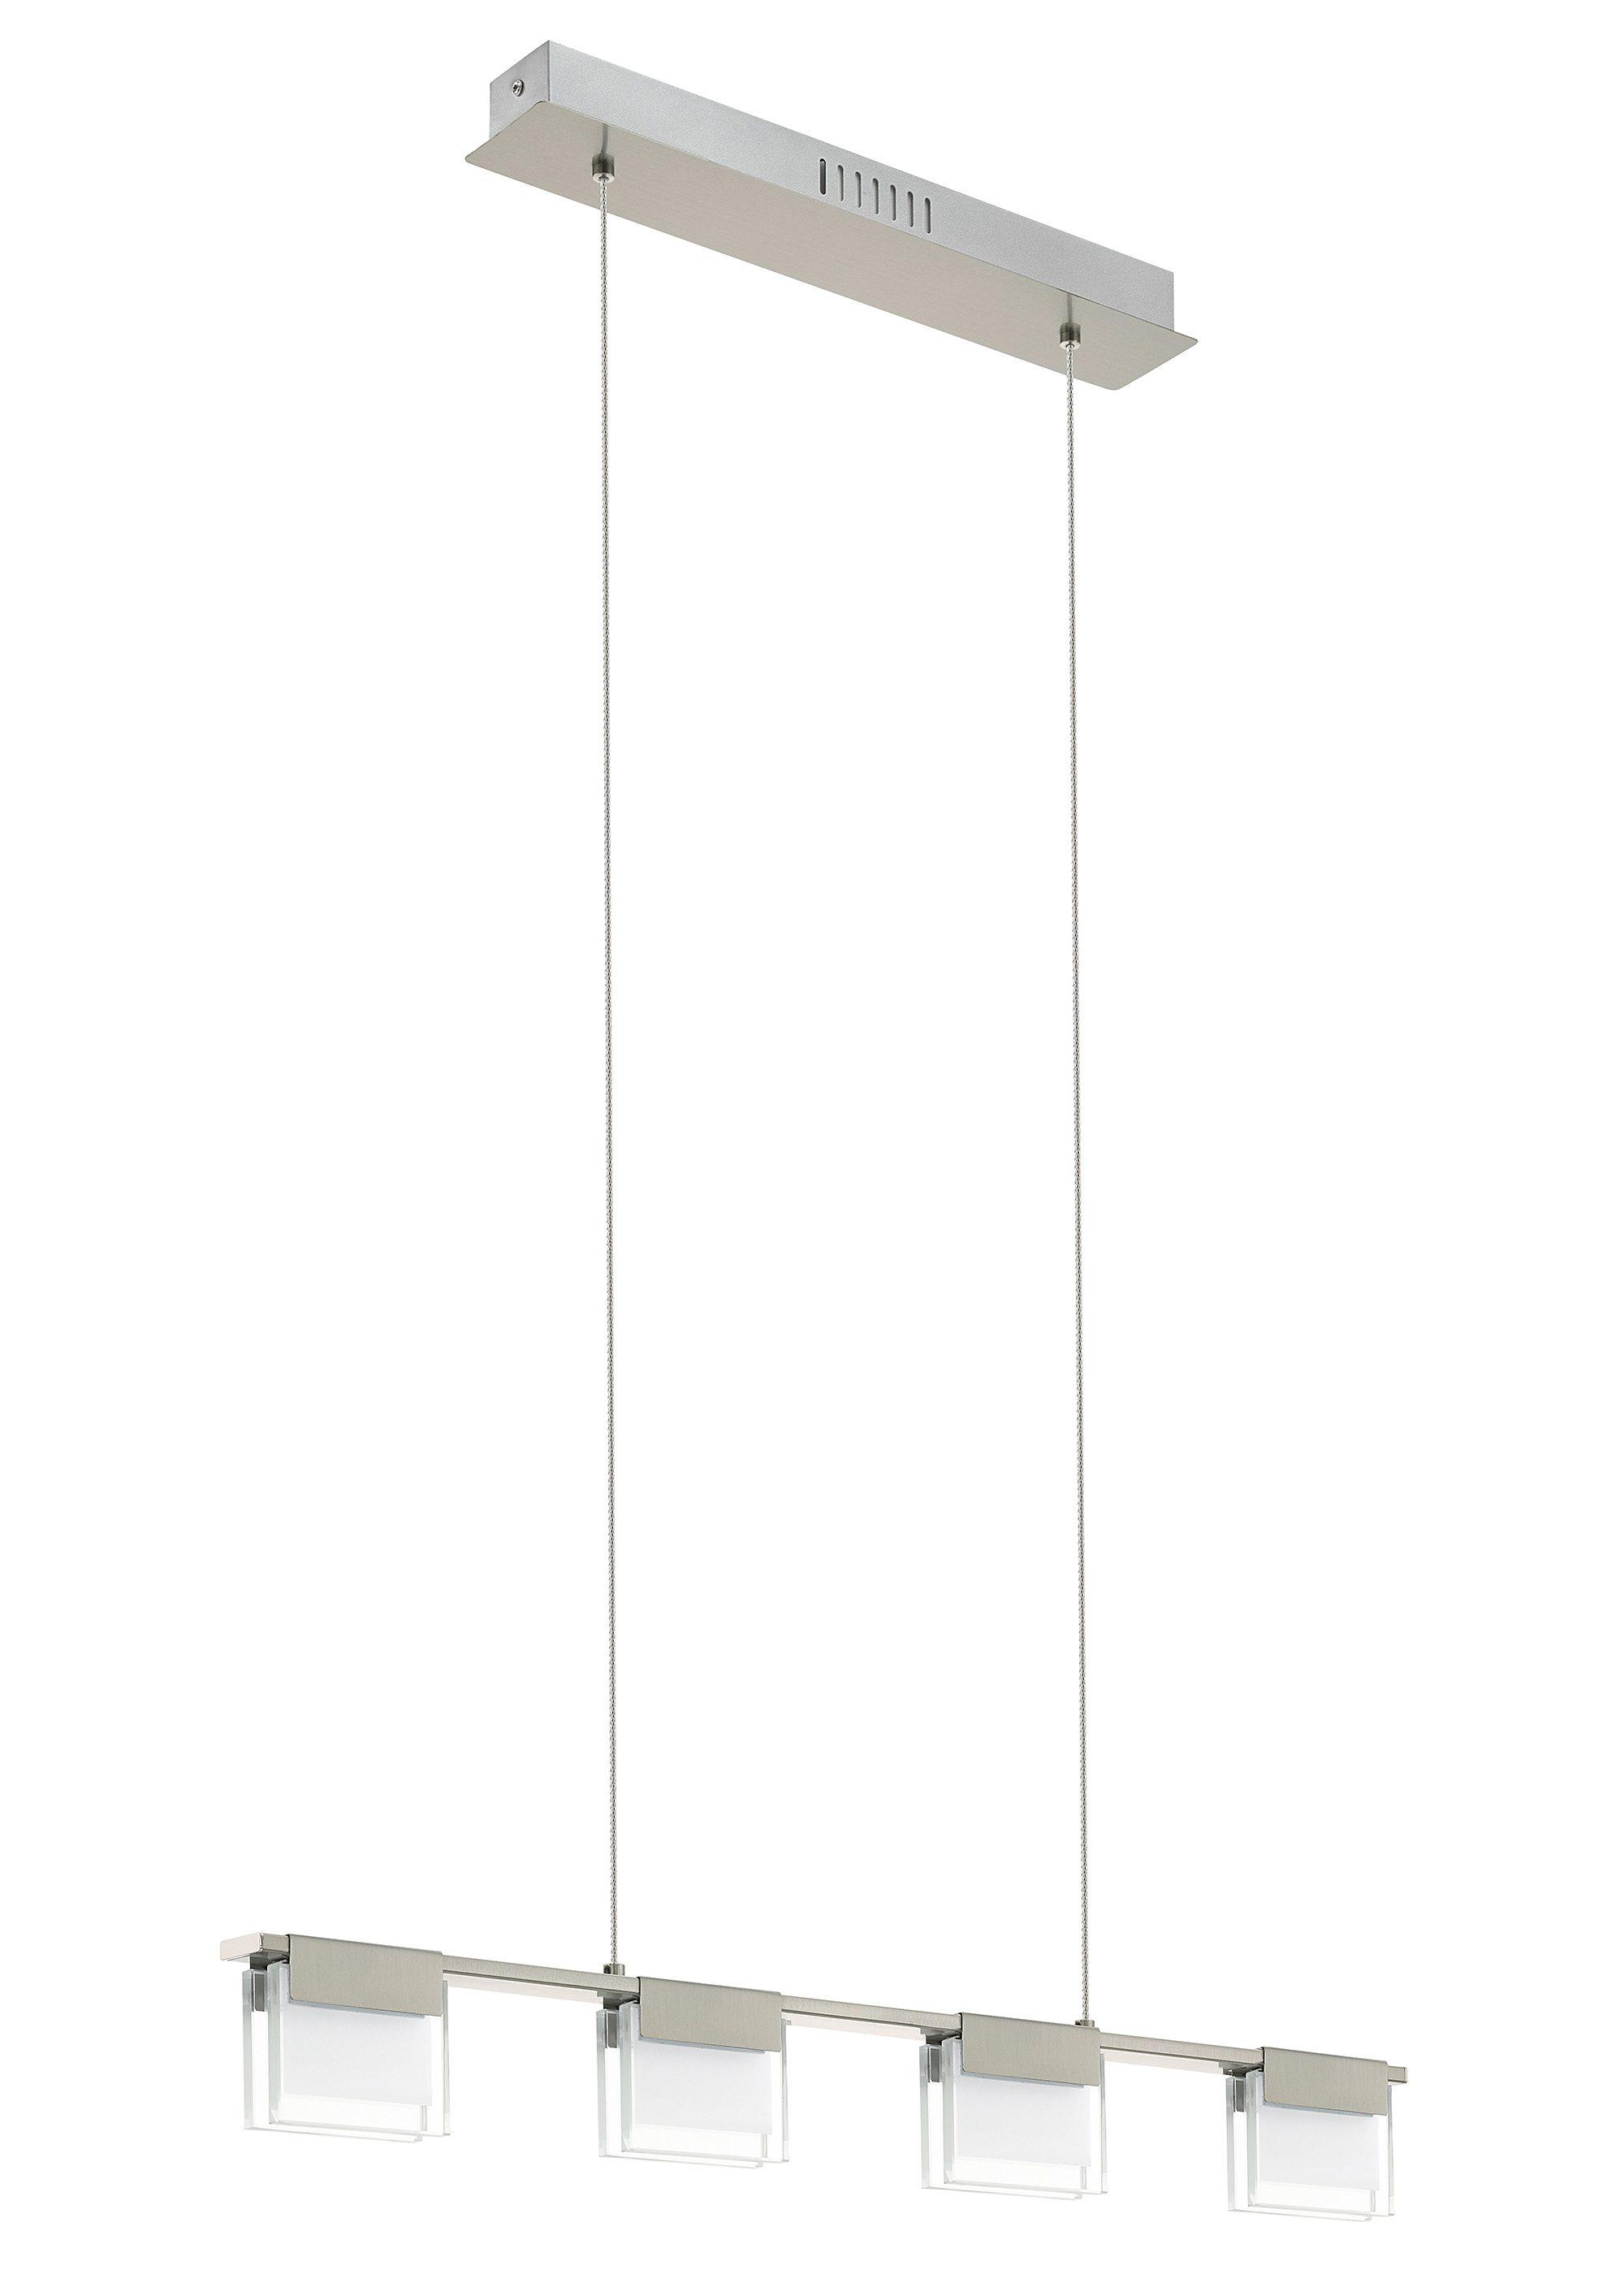 Eglo LED-Pendelleuchte, 4flg., »CLAP1«